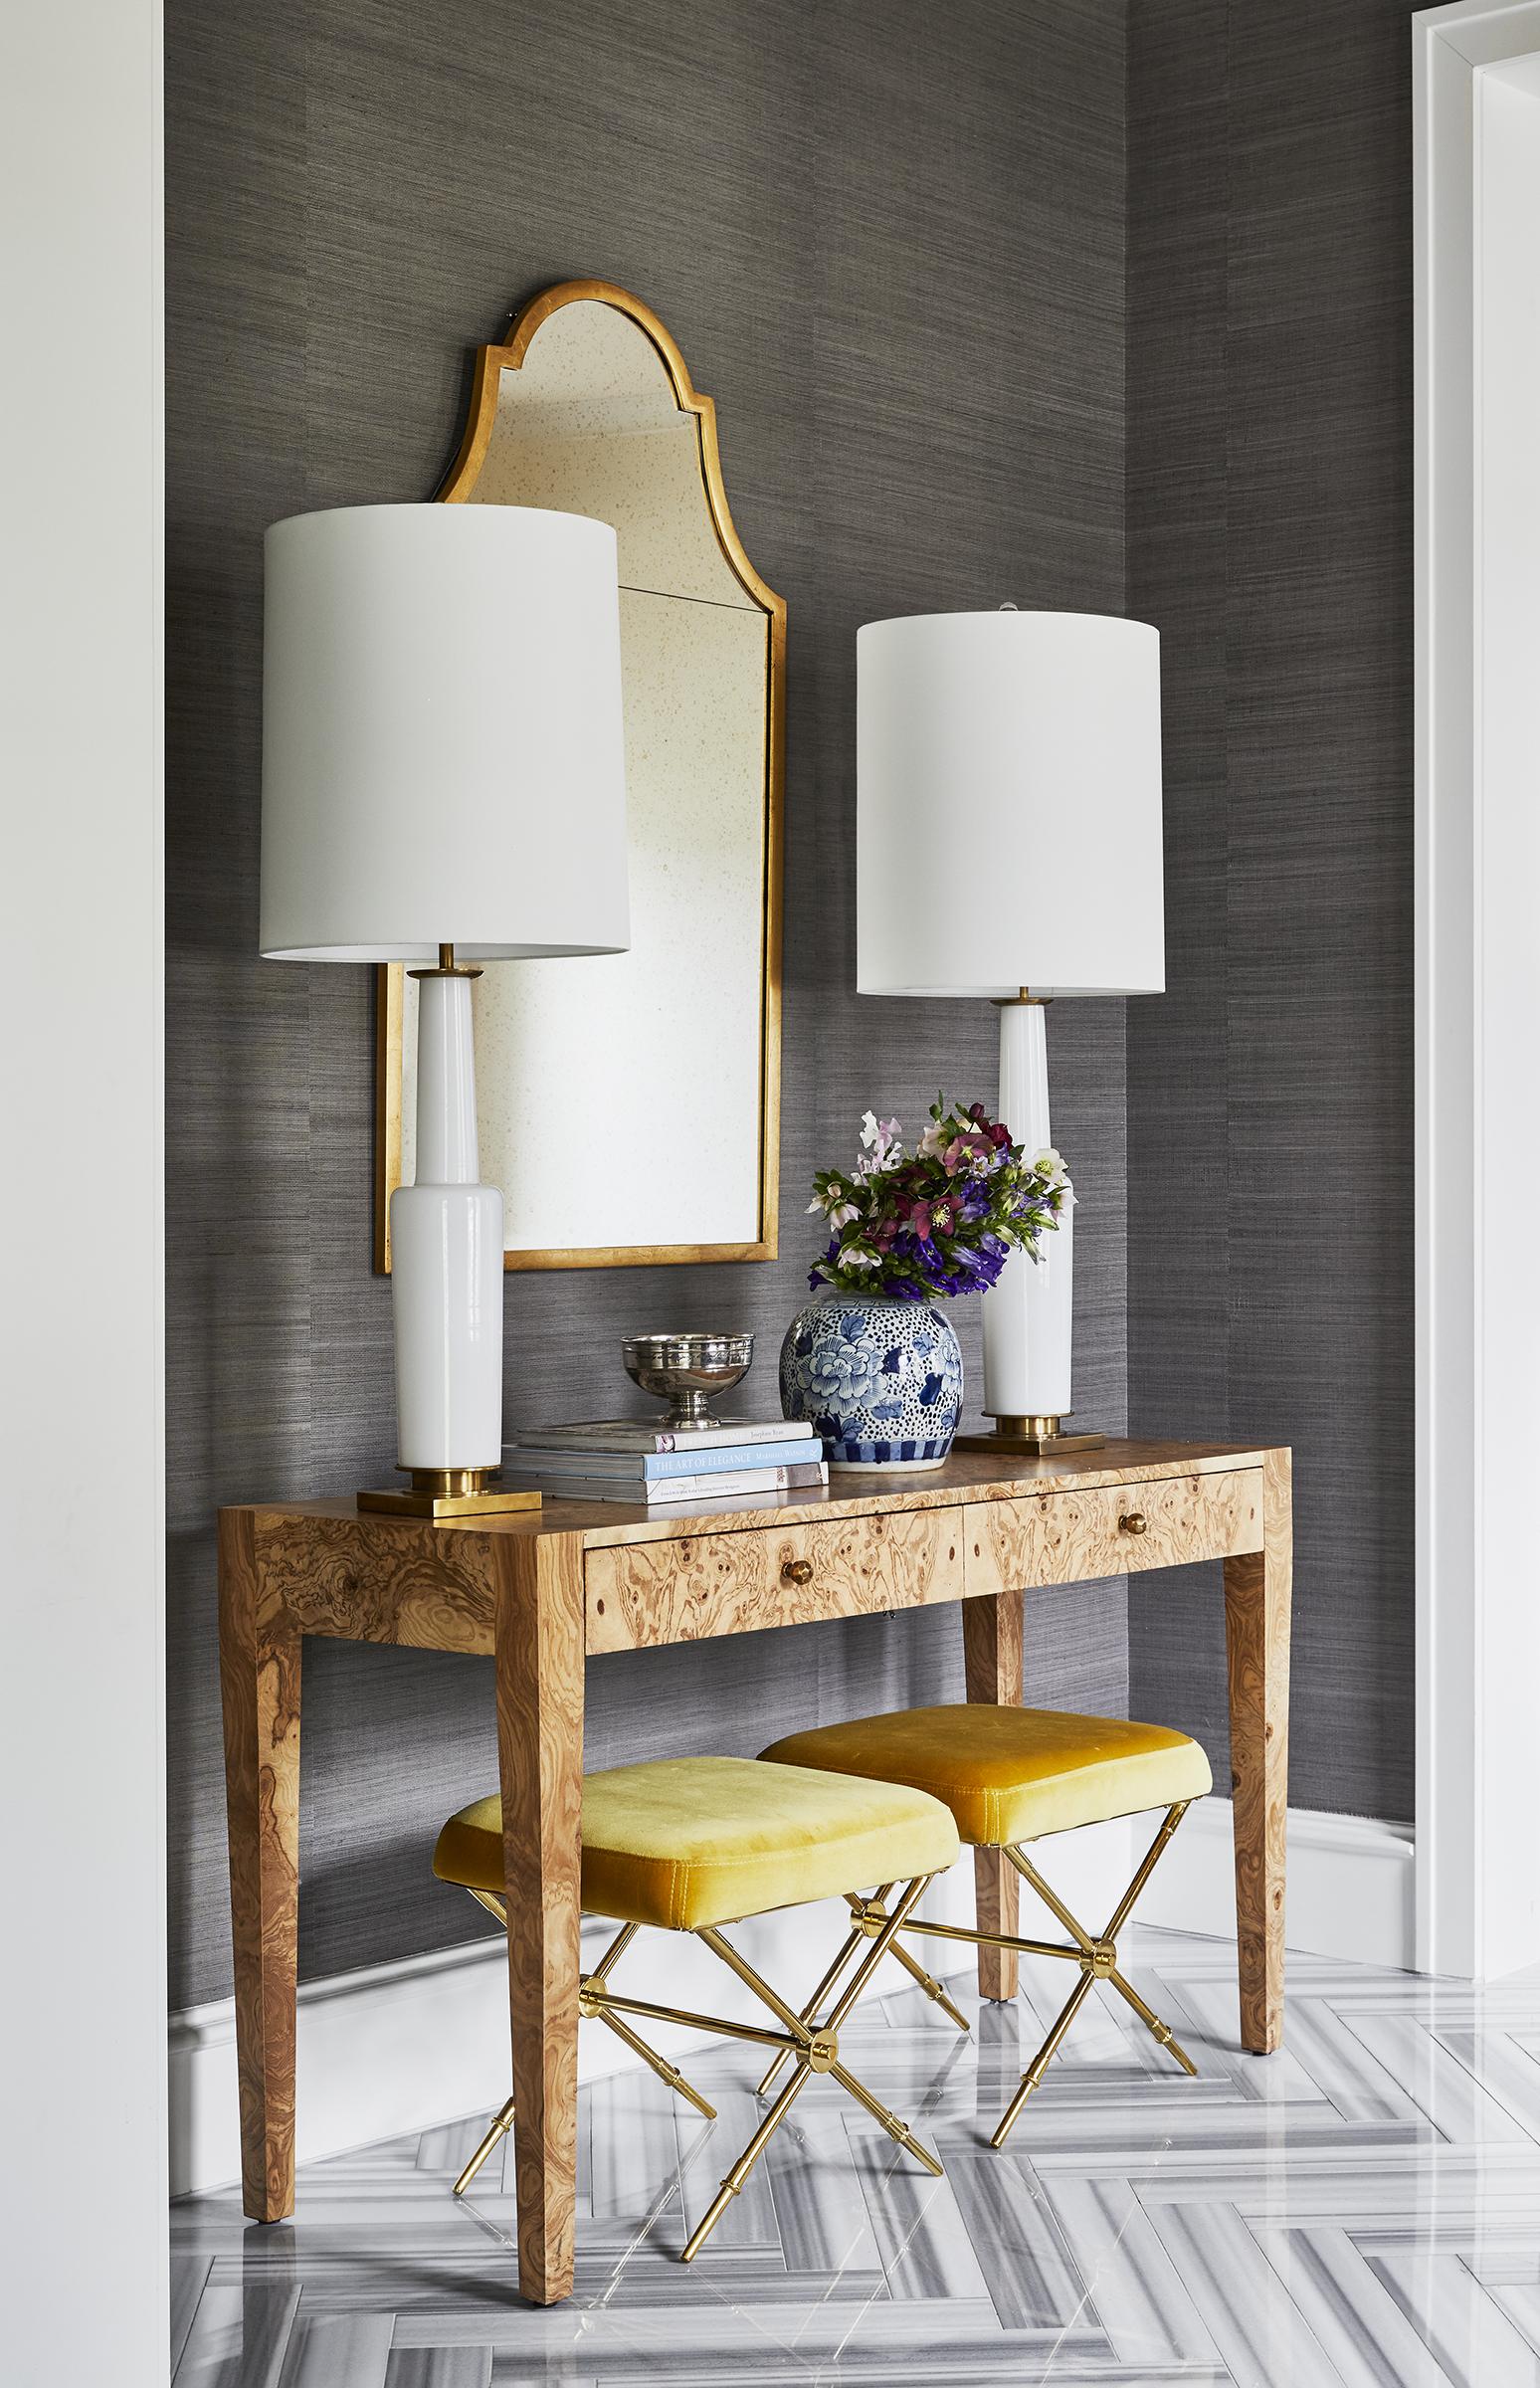 Beach Pretty House Style-Caitlin Wilson Designs 3.jpg